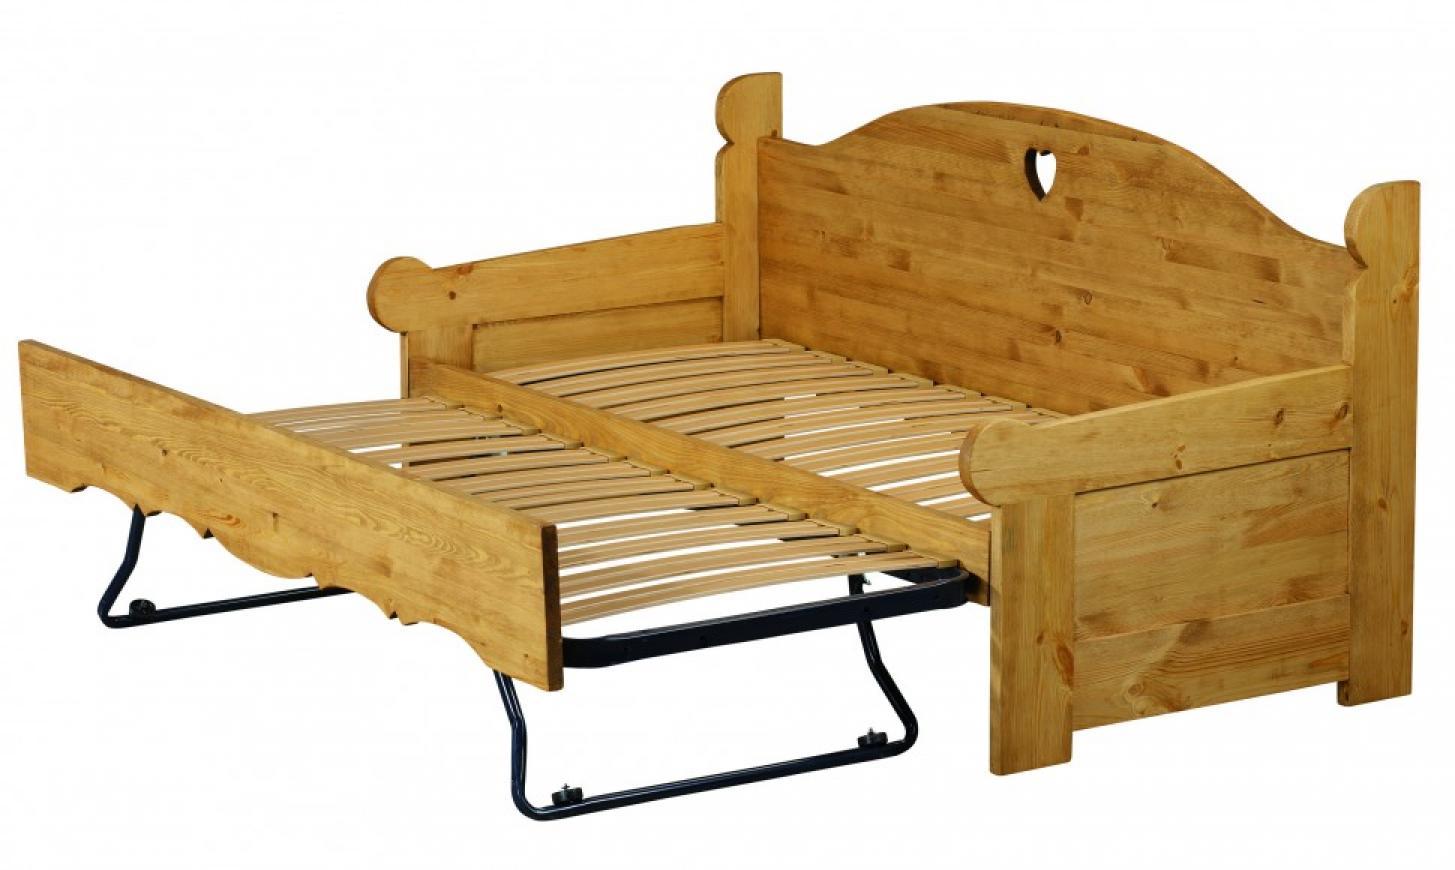 canape gigogne montagne atelier retouche paris. Black Bedroom Furniture Sets. Home Design Ideas